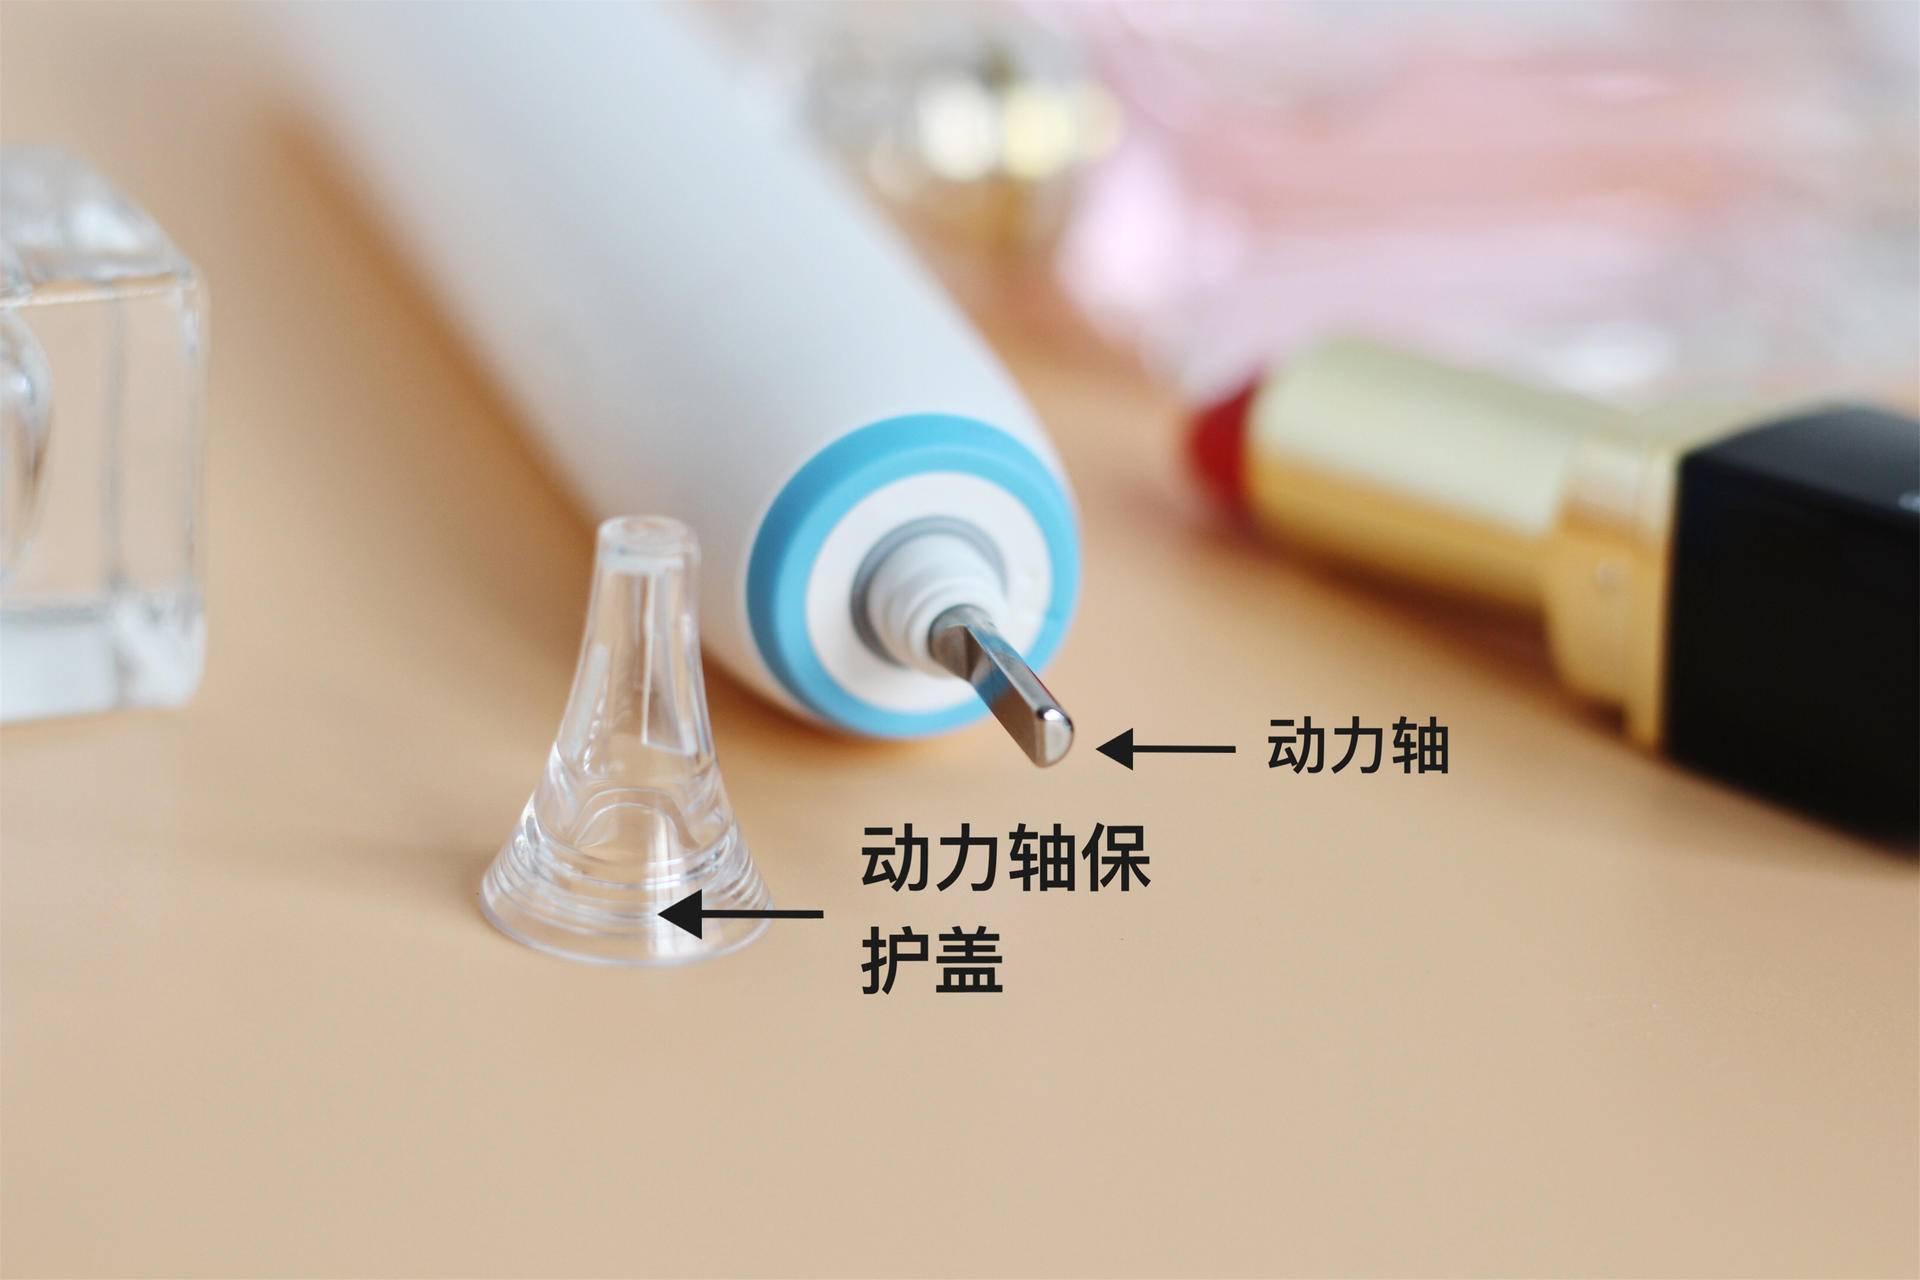 口腔v口腔,从品质a口腔开始--素士声波电动牙刷(家具设计说明200字范文图片